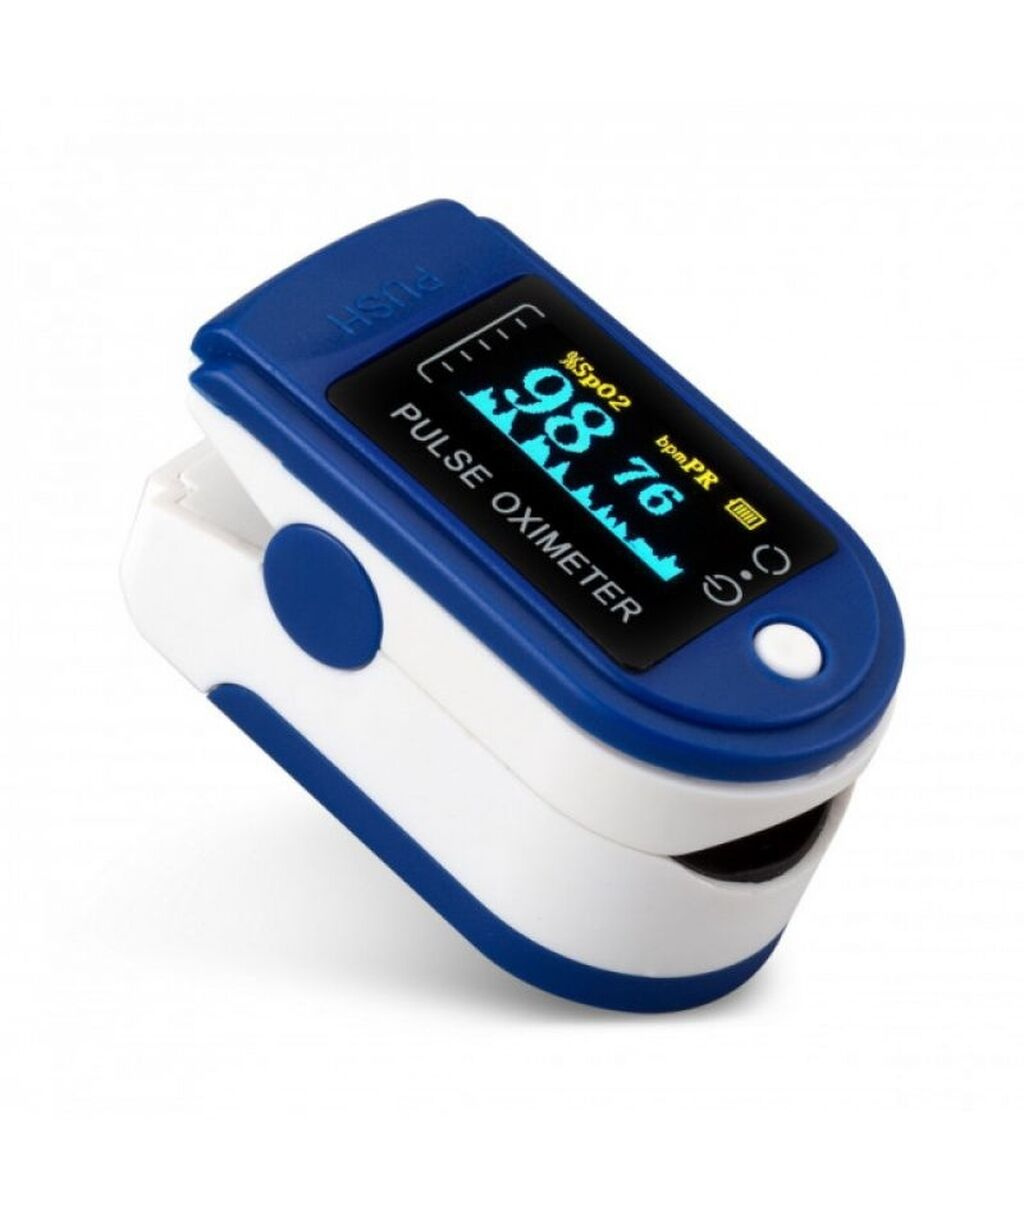 Пульсоксиметр Ликвидация склада Распродажа2 в 1 Измеряет пульс и по цене: 450 KGS: Пульсоксиметр  Ликвидация склада Распродажа2 в 1 Измеряет пульс и